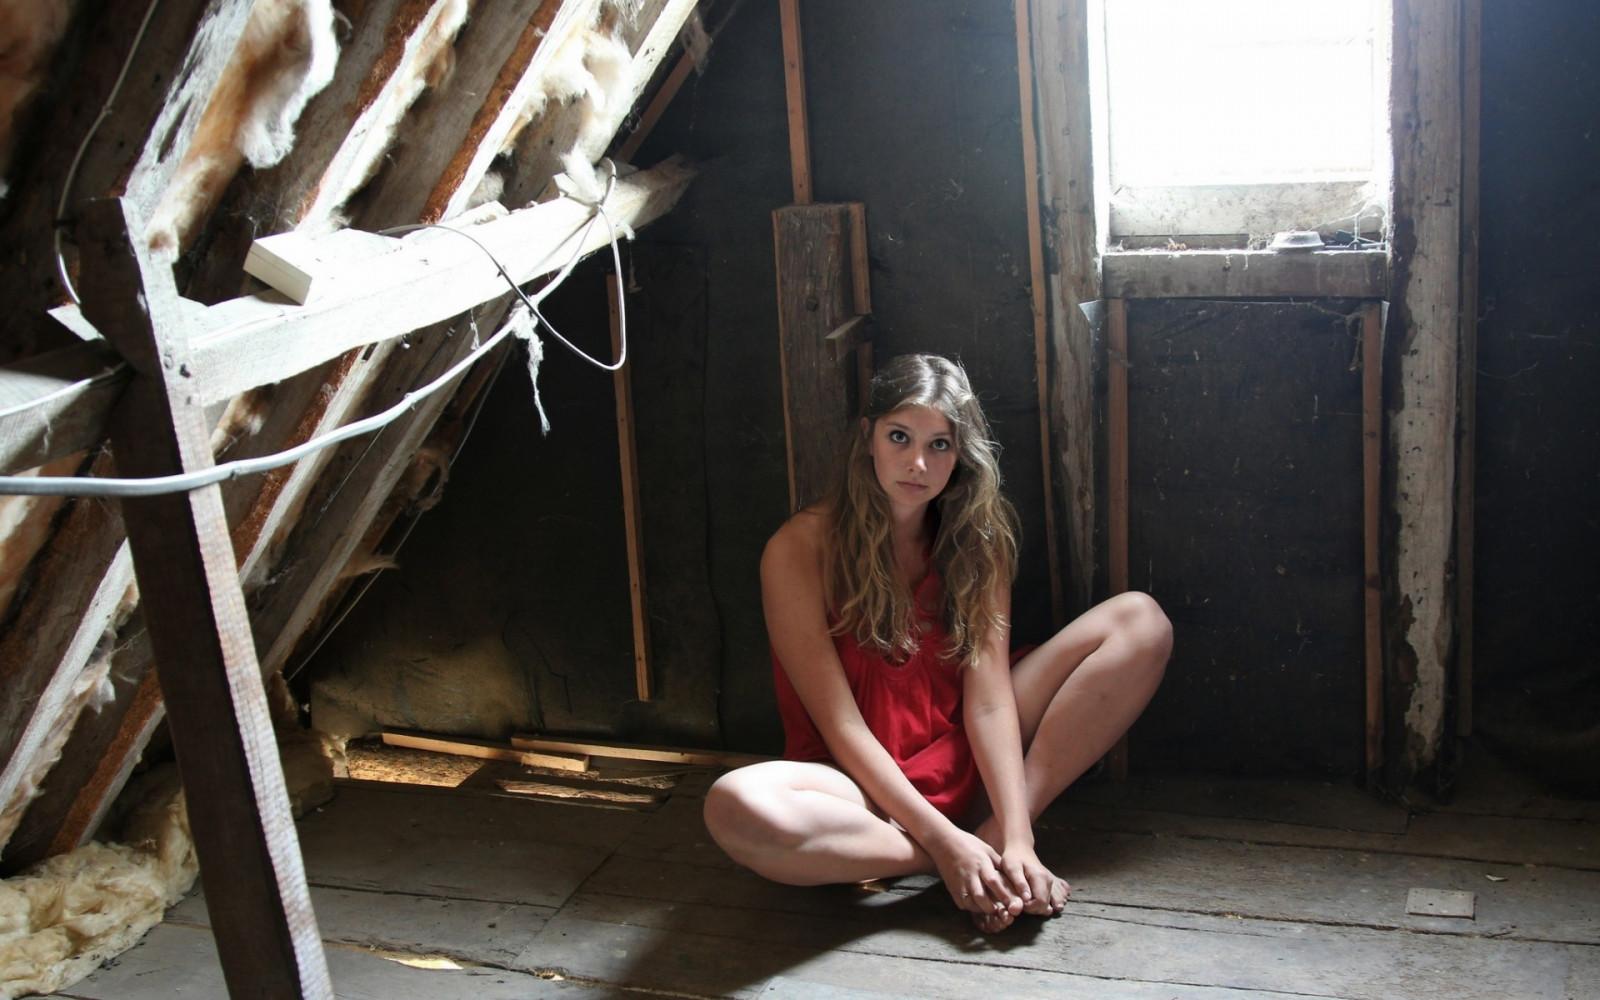 Девушку потащили в подвал и трахнули, порно игры с осокой